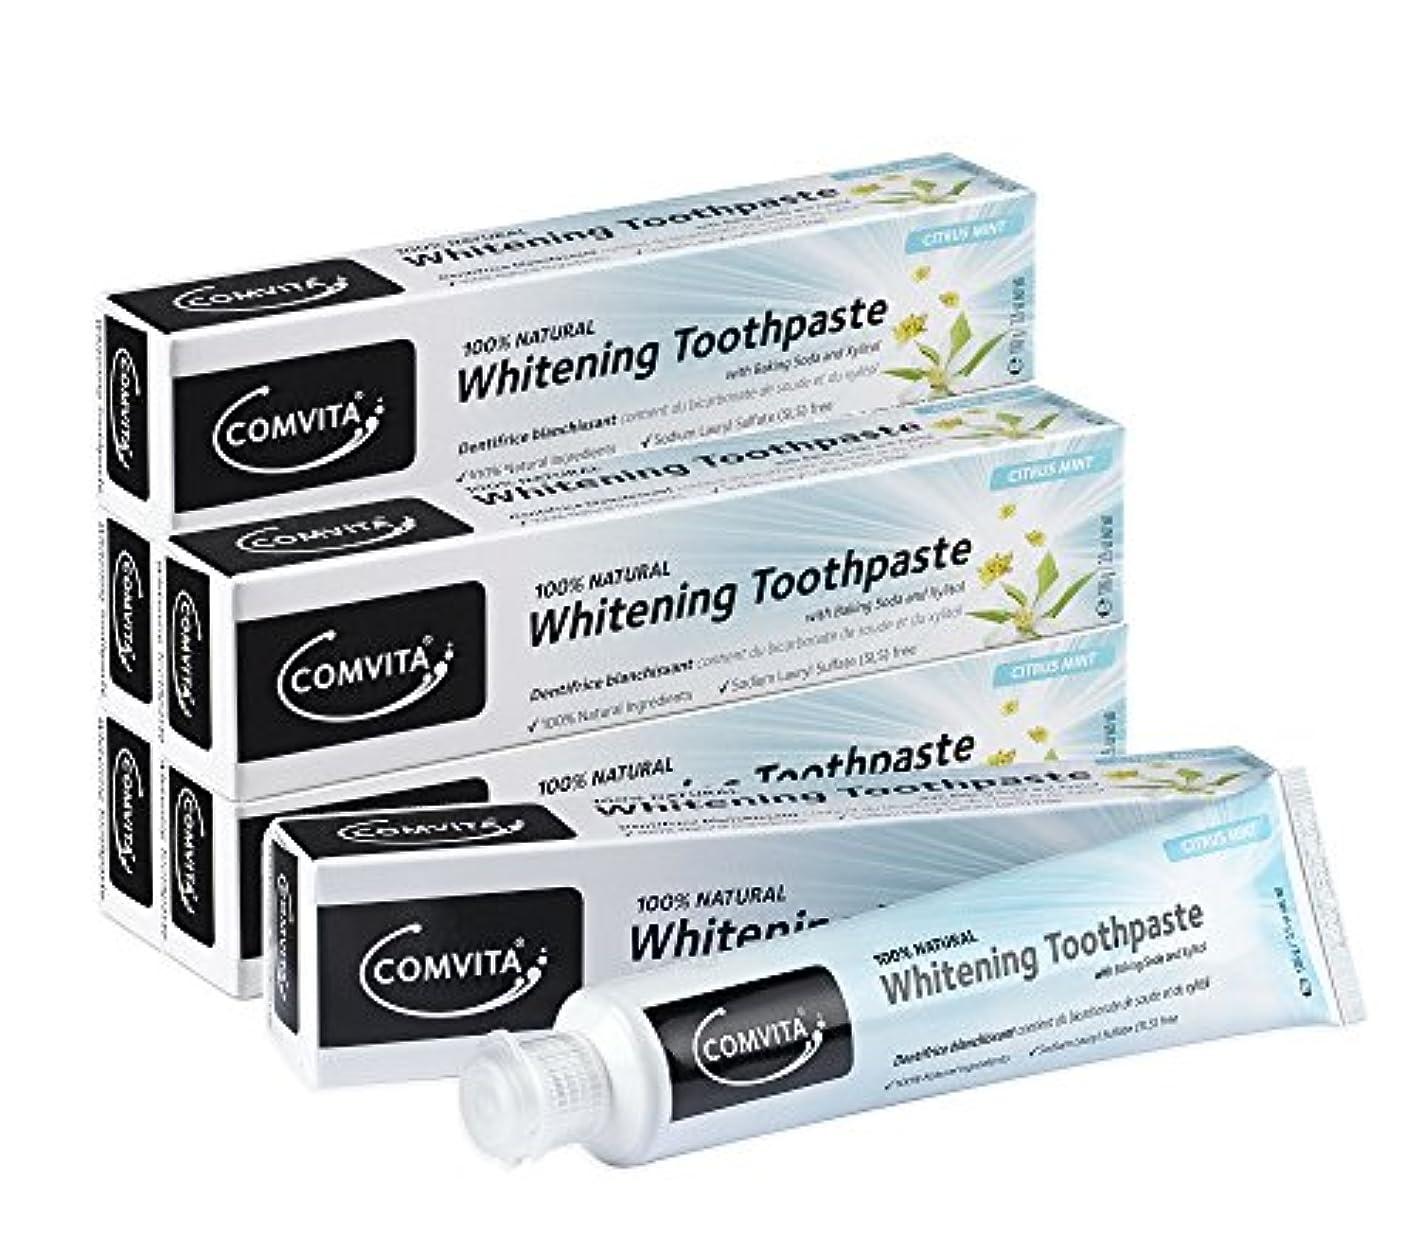 潜在的な警察代わりにホワイトニング歯磨き コンビタ 100g お得な6本セット whitening toothpaste